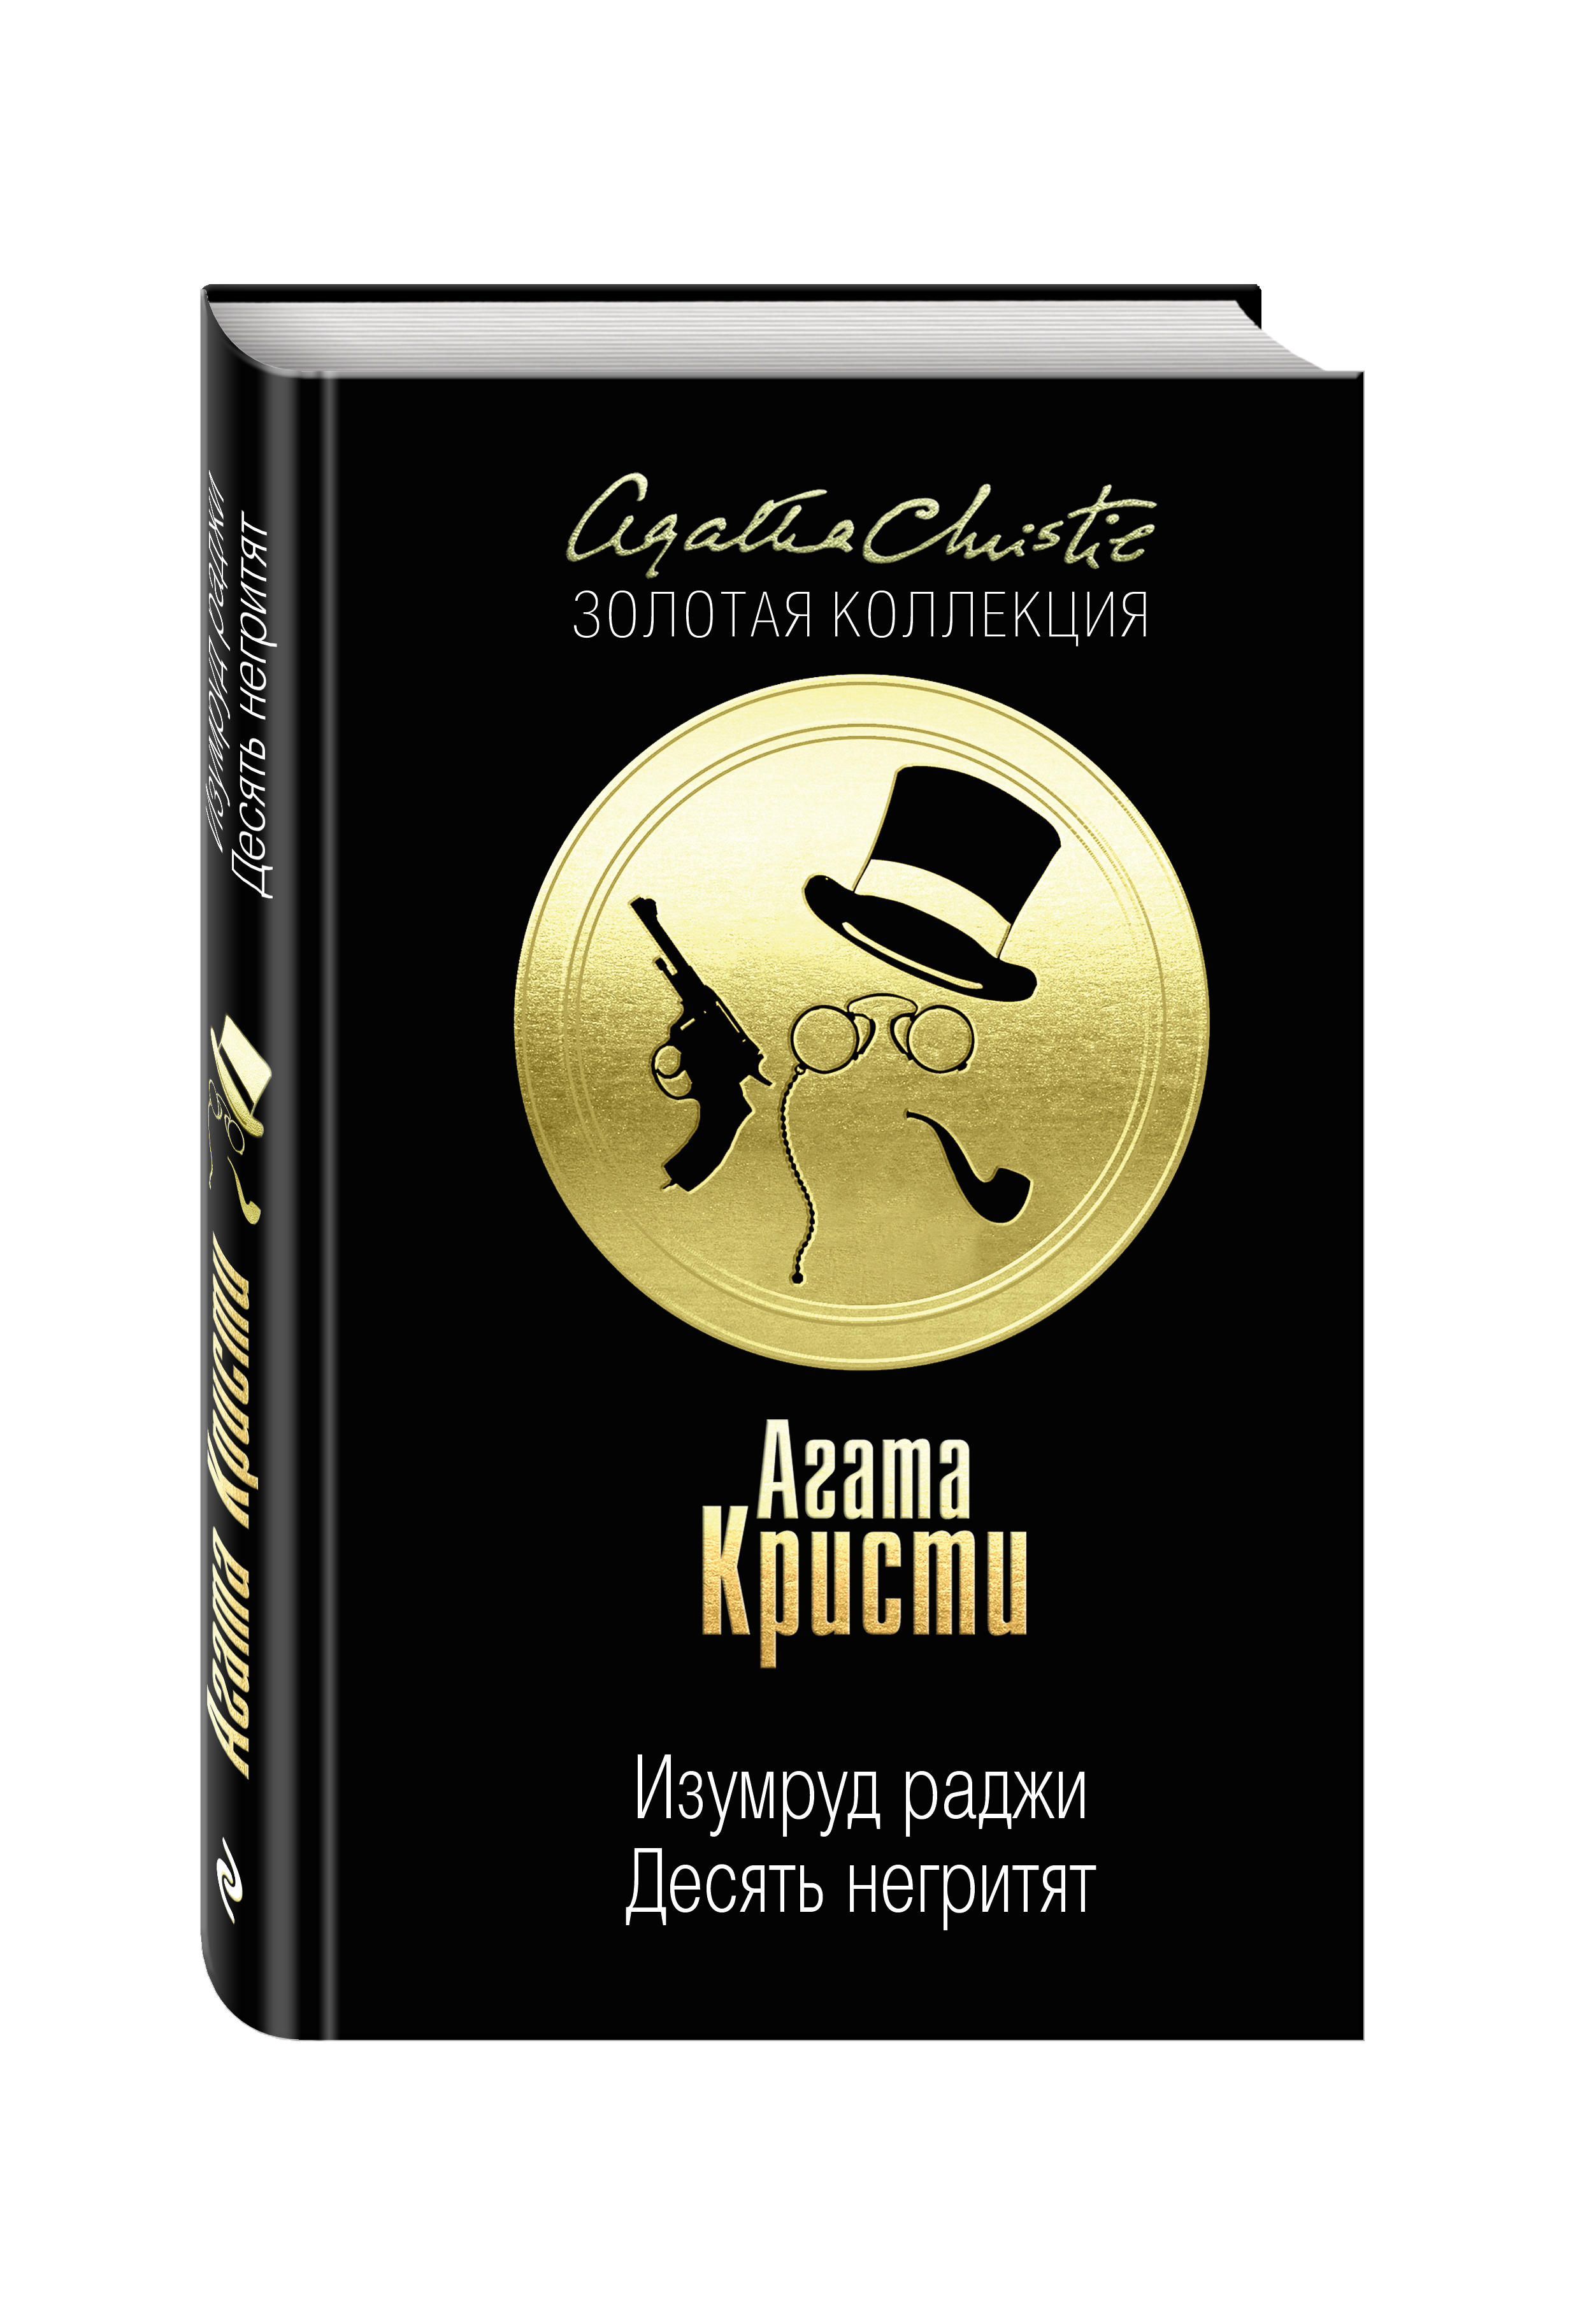 Кристи А. Десять негритят. Изумруд раджи ISBN: 978-5-699-92329-8